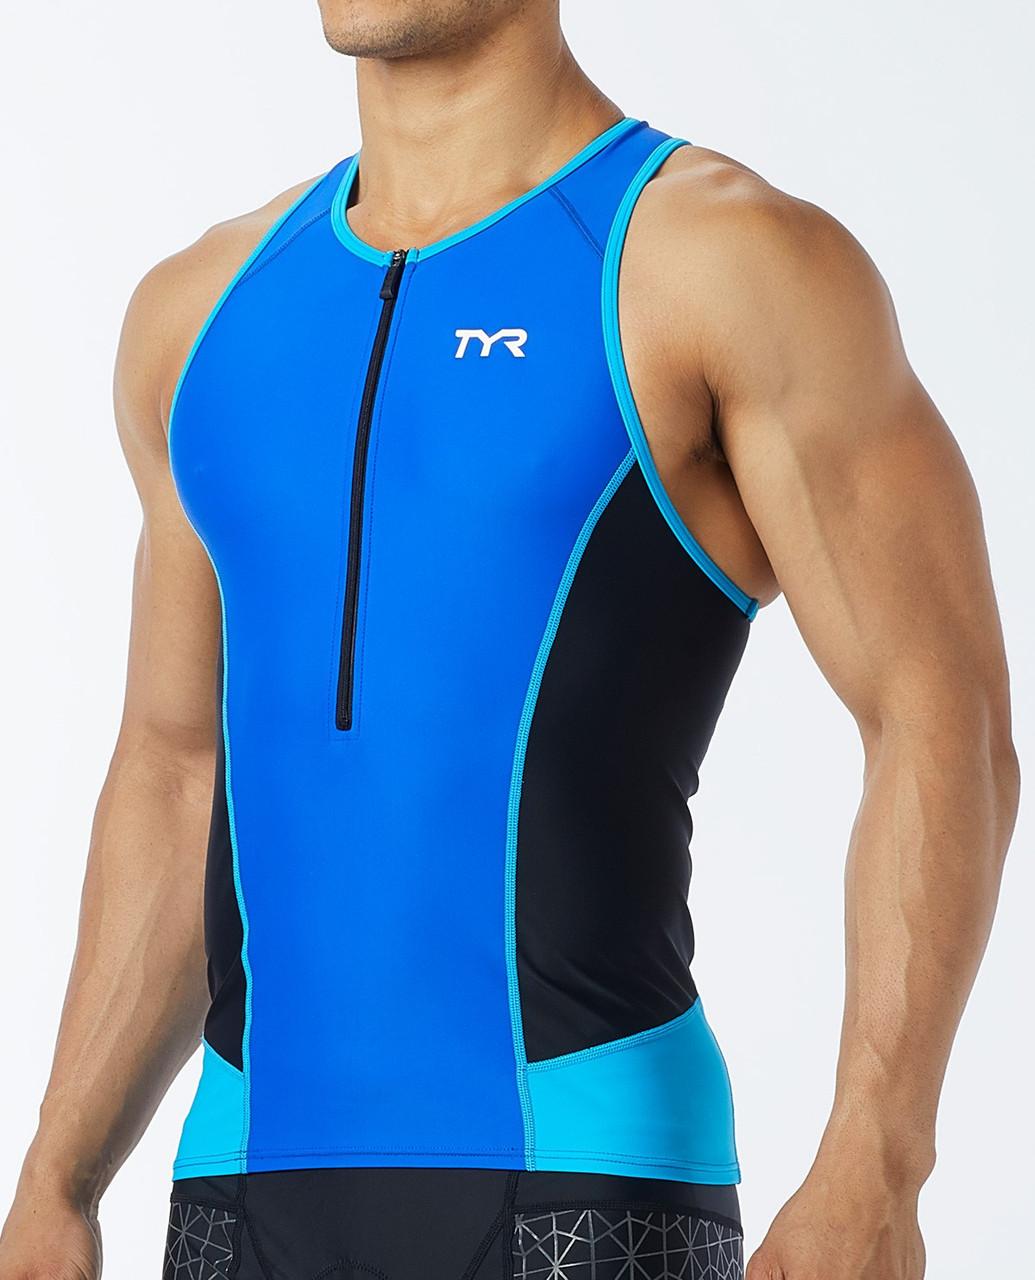 Раздельный трисьют TYR Men's Competitor Tri Suit 422